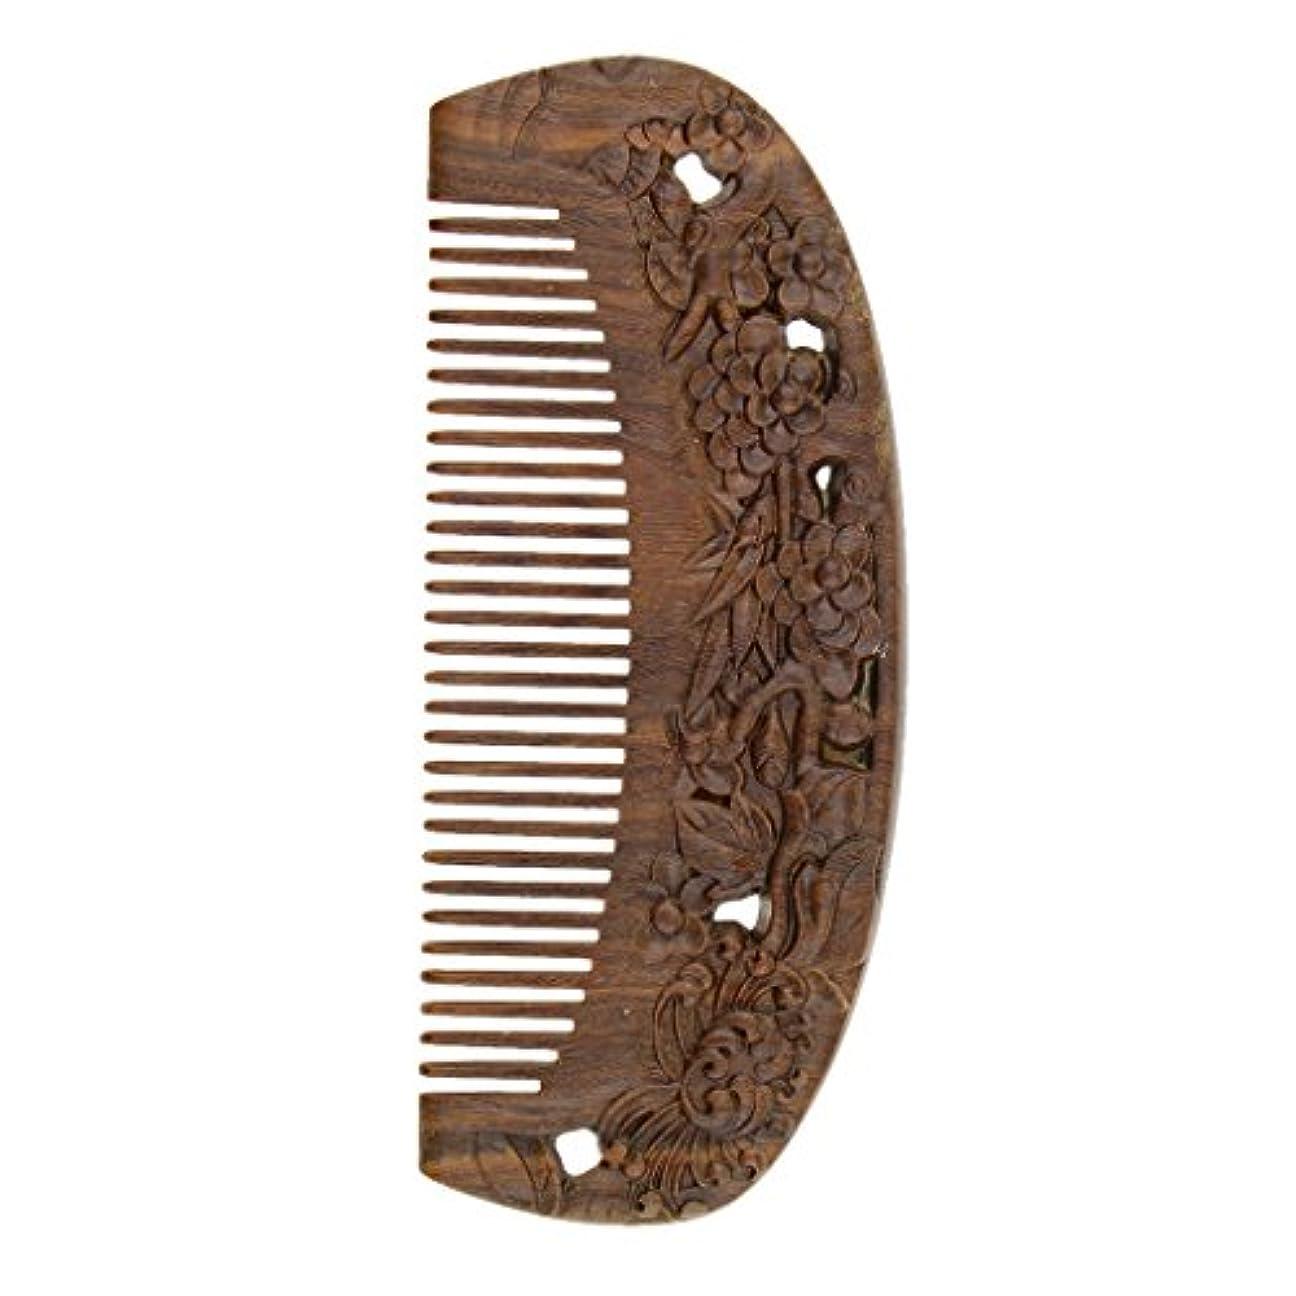 アプト分類形式DYNWAVE ヘアスタイリング 木製コーム ウッドコーム ワイド歯 頭皮マッサージ ヘアブラシ 全2種類 - #2